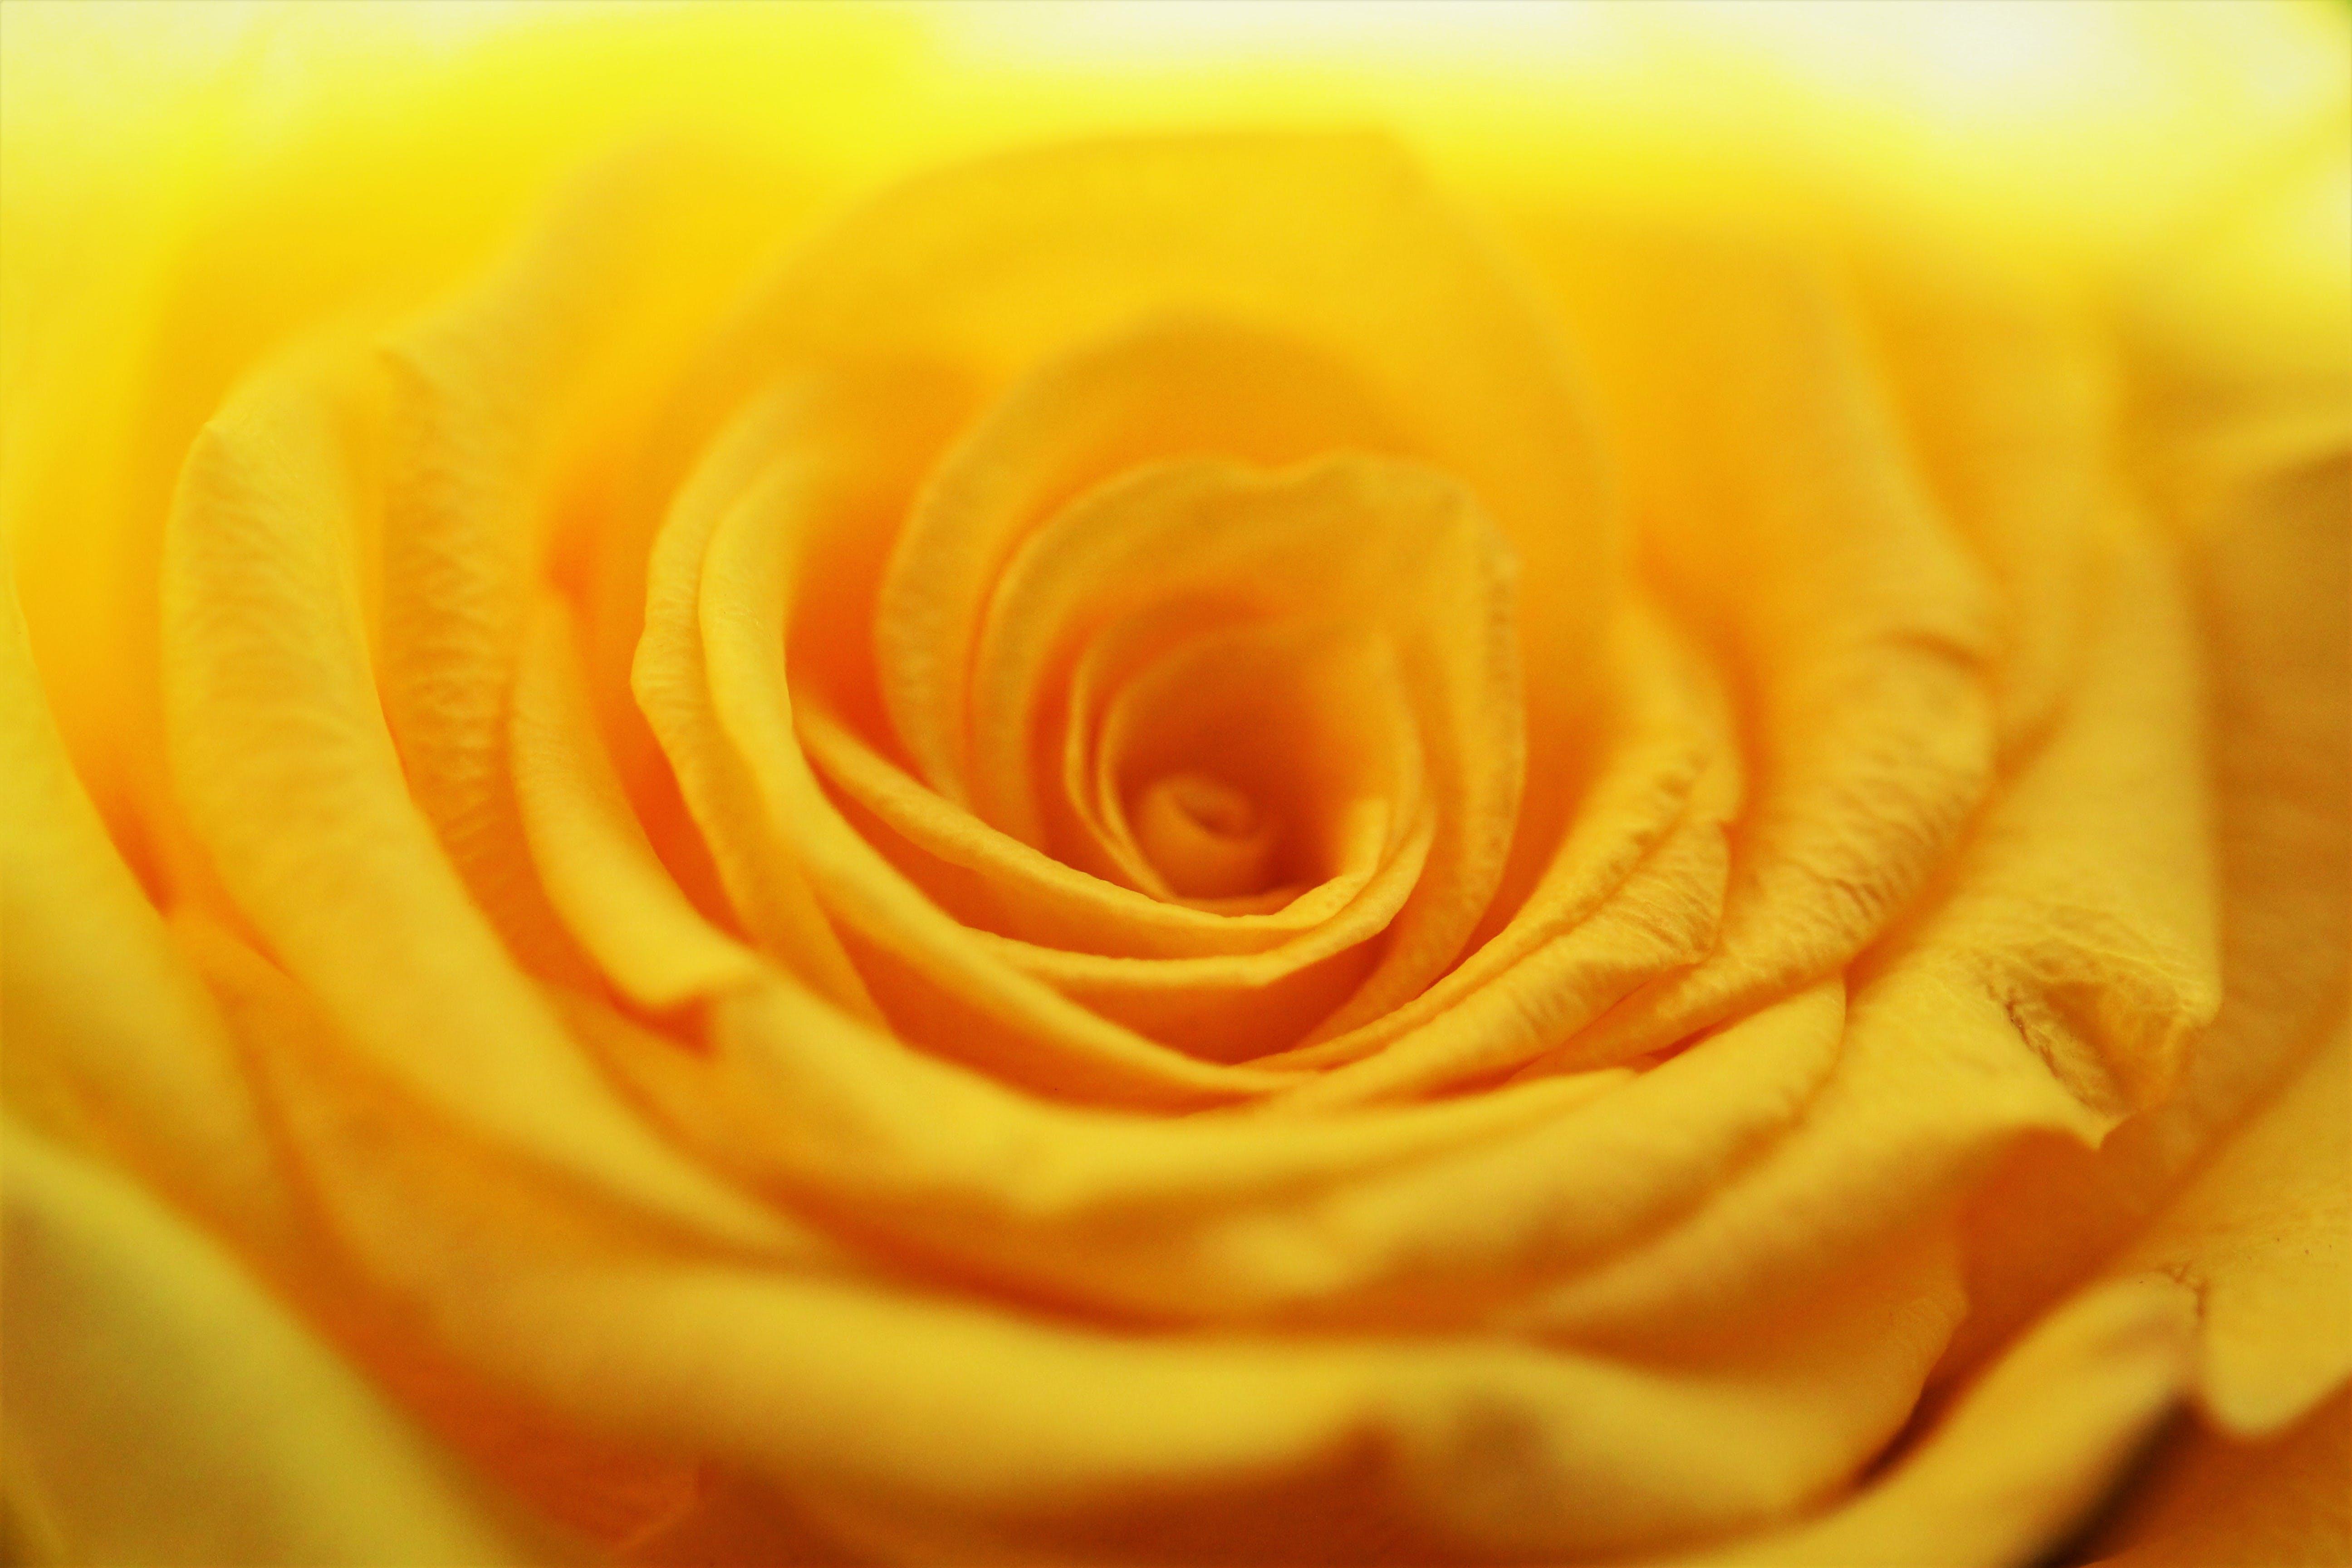 Kostenloses Stock Foto zu blume, farbmischung, gelb, gold-gelb